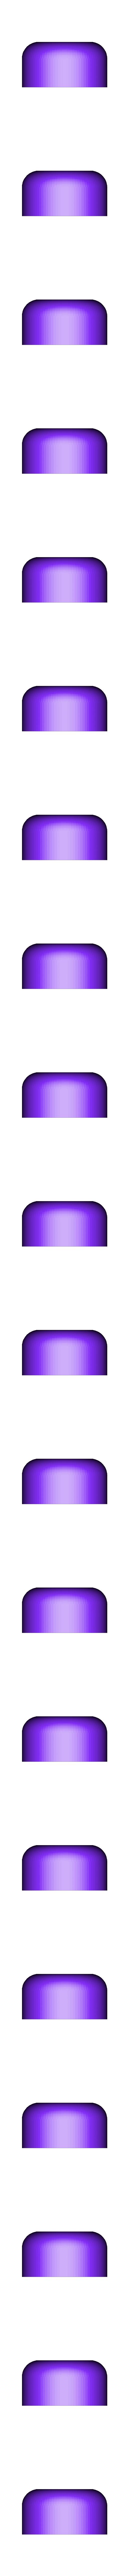 galaxy_plasma_cap.stl Télécharger fichier STL gratuit Galaxy Quest Communicator • Plan pour imprimante 3D, poblocki1982